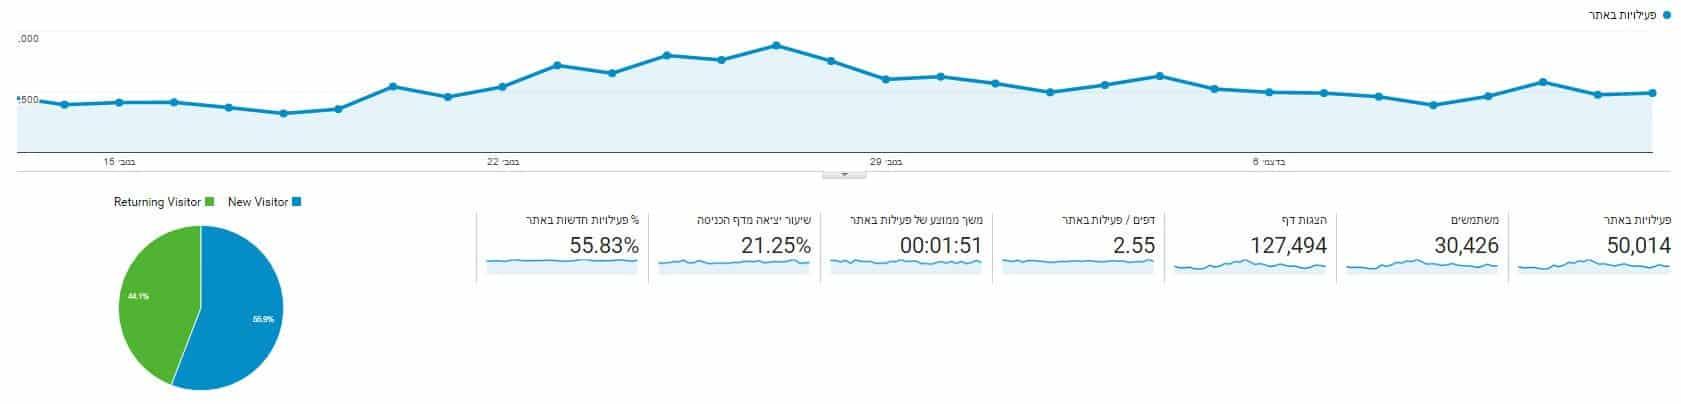 סטטיסטיקה גוגל אנליטיקס